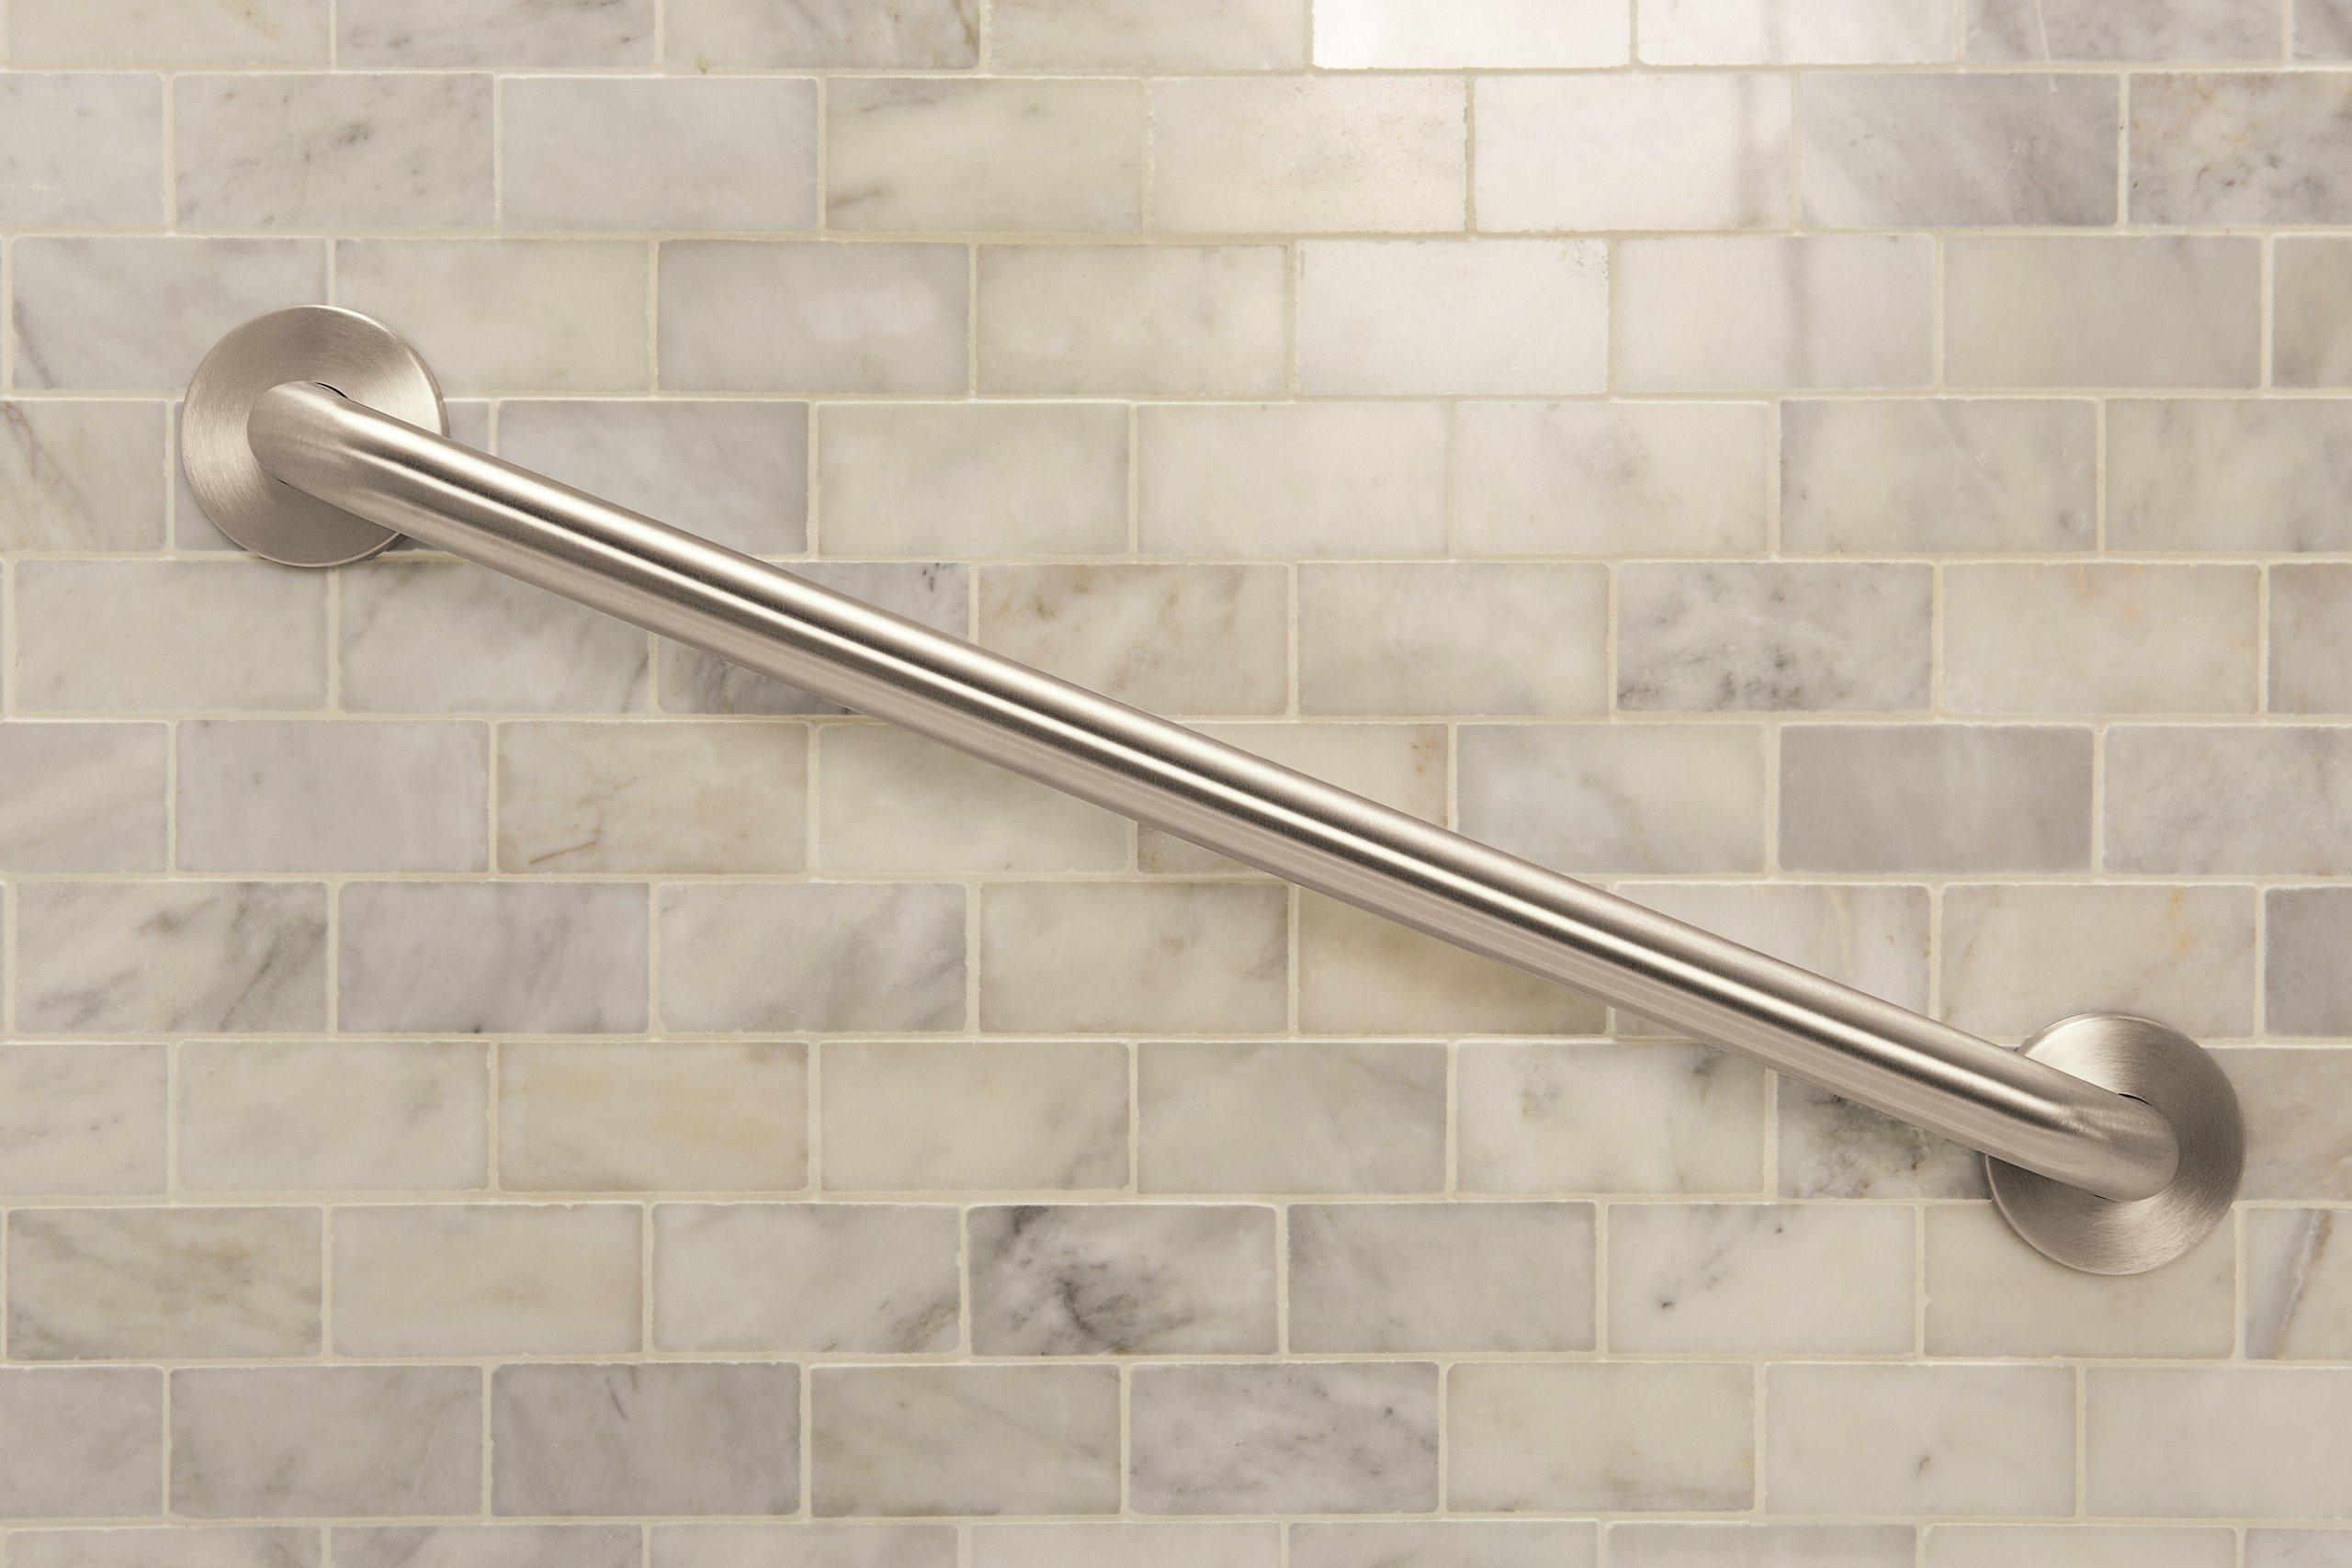 Moen R8718D3GBN 18-Inch Designer Bathroom Grab Bar, Brushed Nickel by Moen (Image #3)